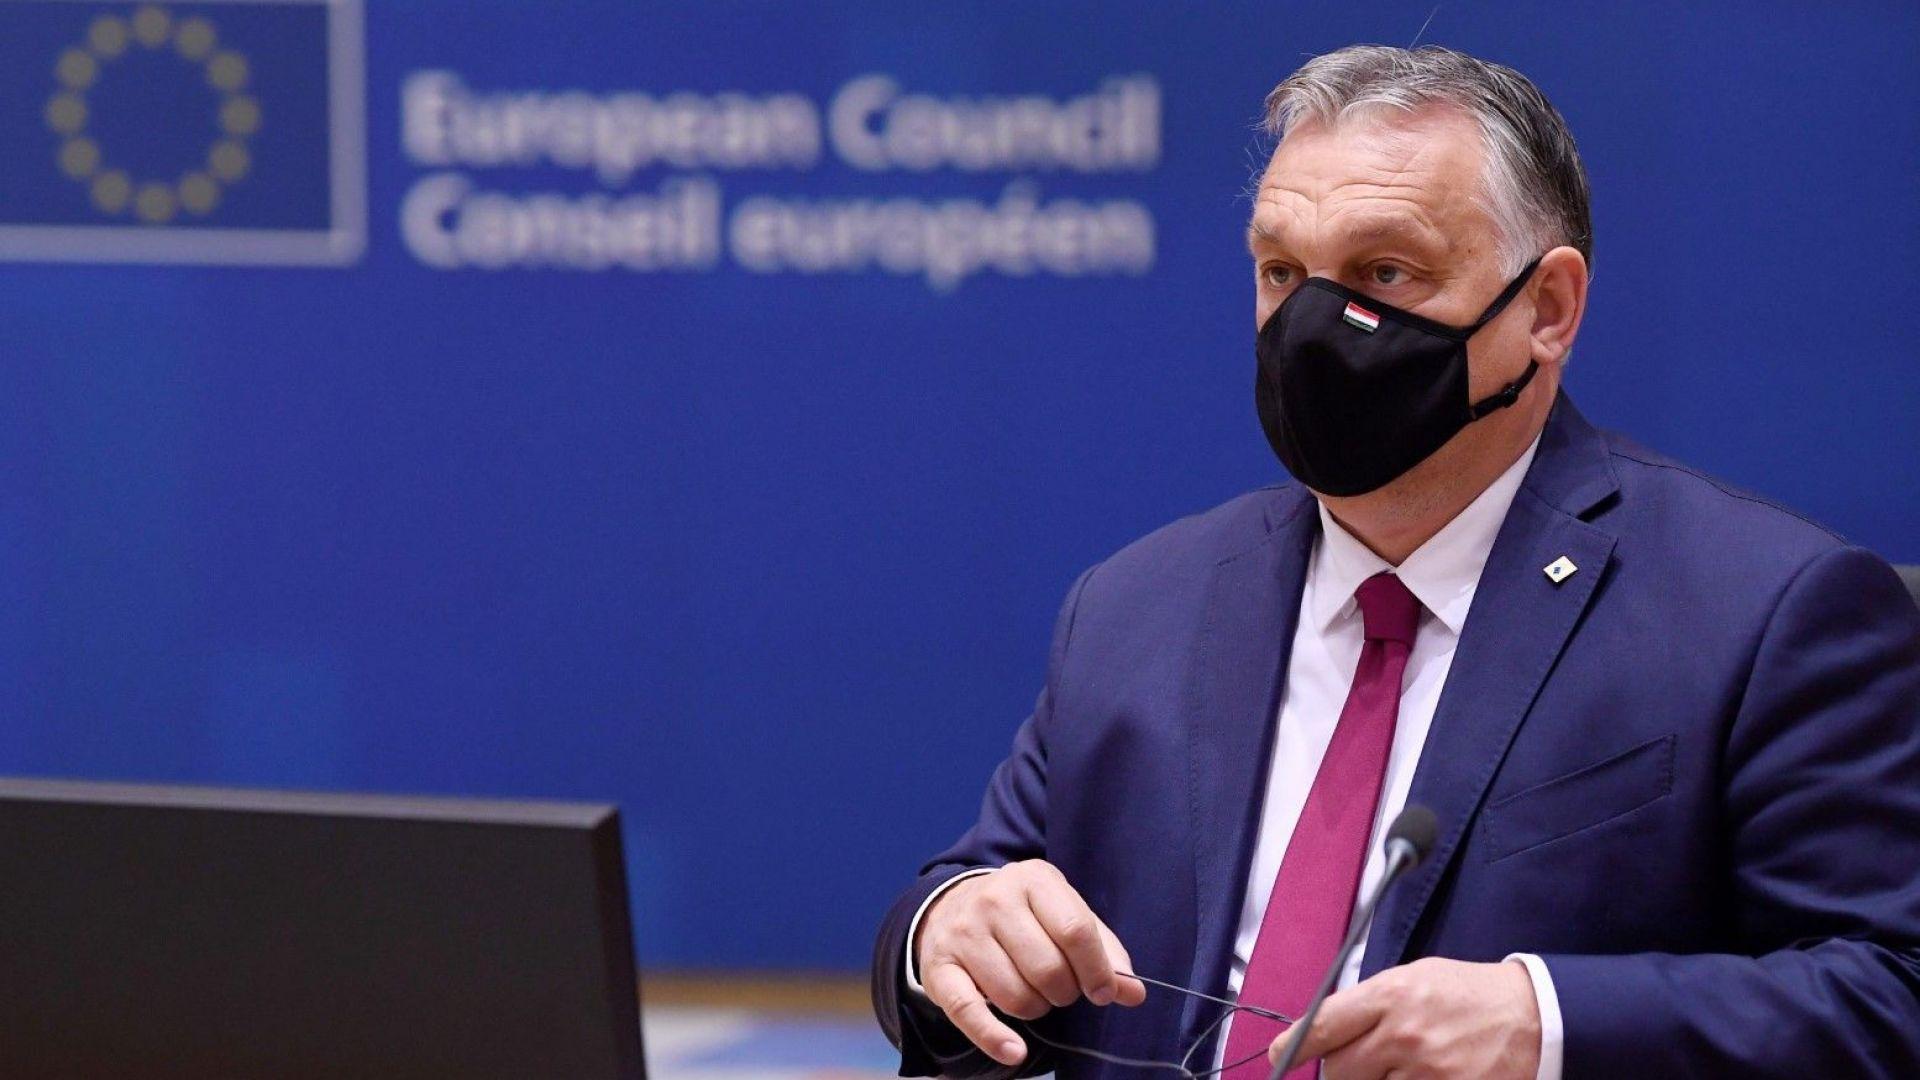 Унгария си навлече гнева на Германия, след като блокира антикитайско изявление на ЕС